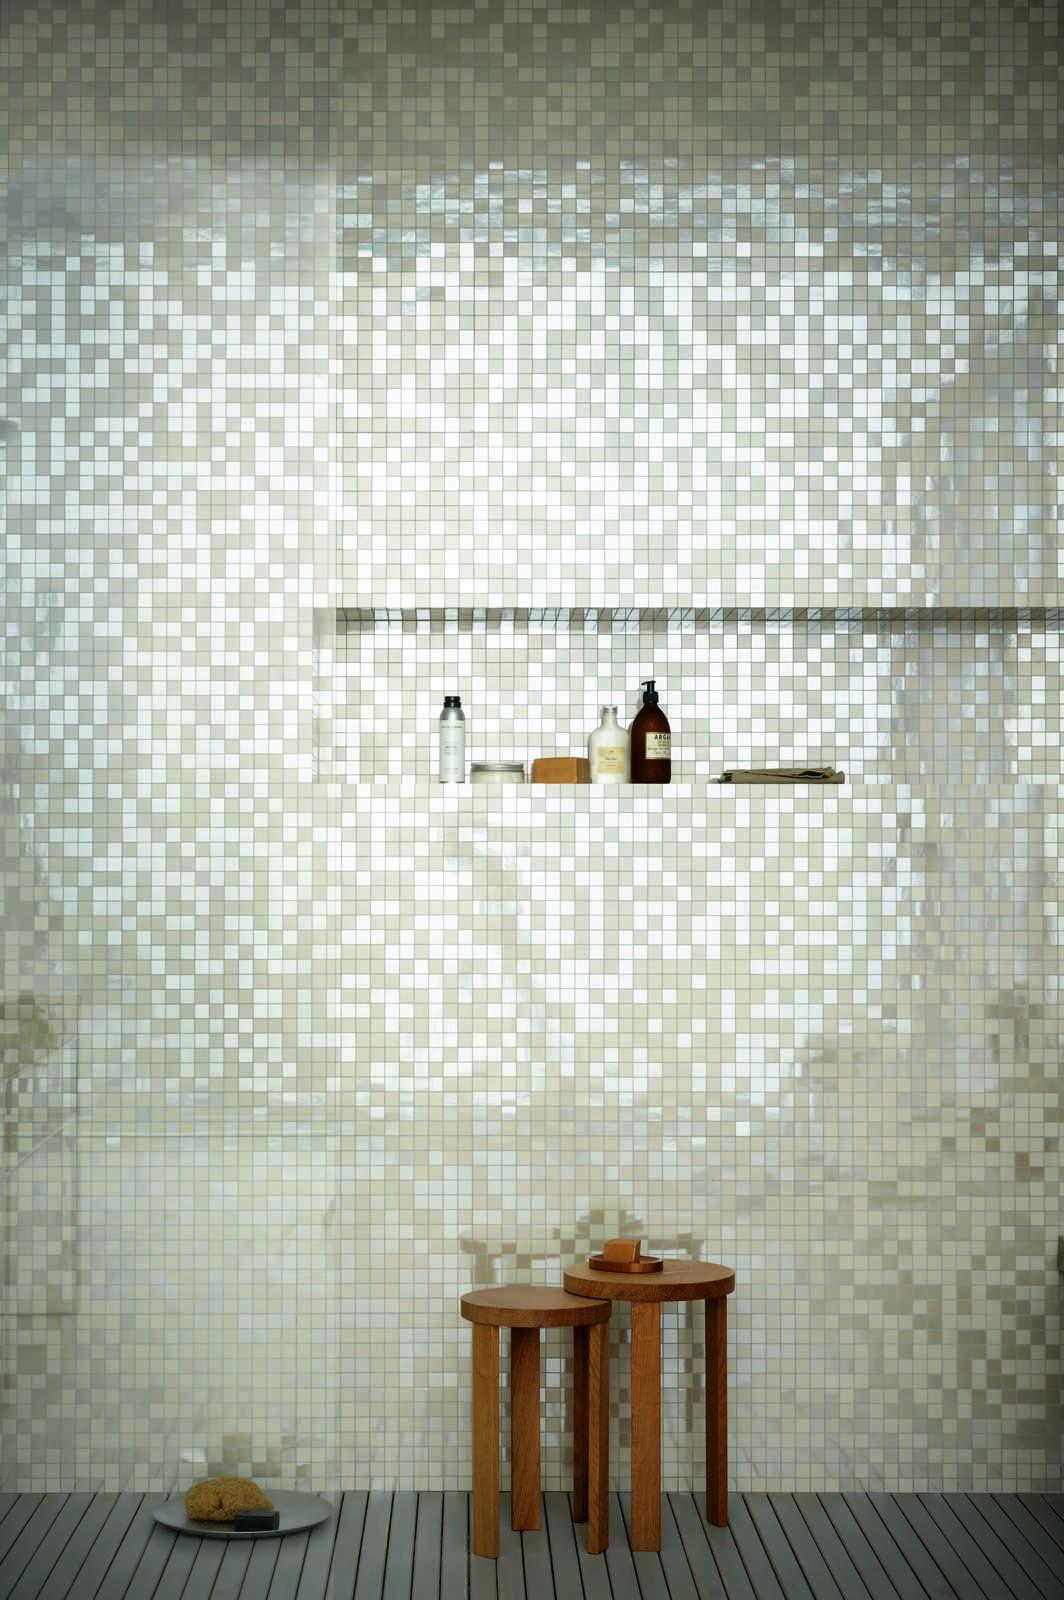 Piastrelle a mosaico per bagno e altri ambienti marazzi for Piastrelle a mosaico per bagno